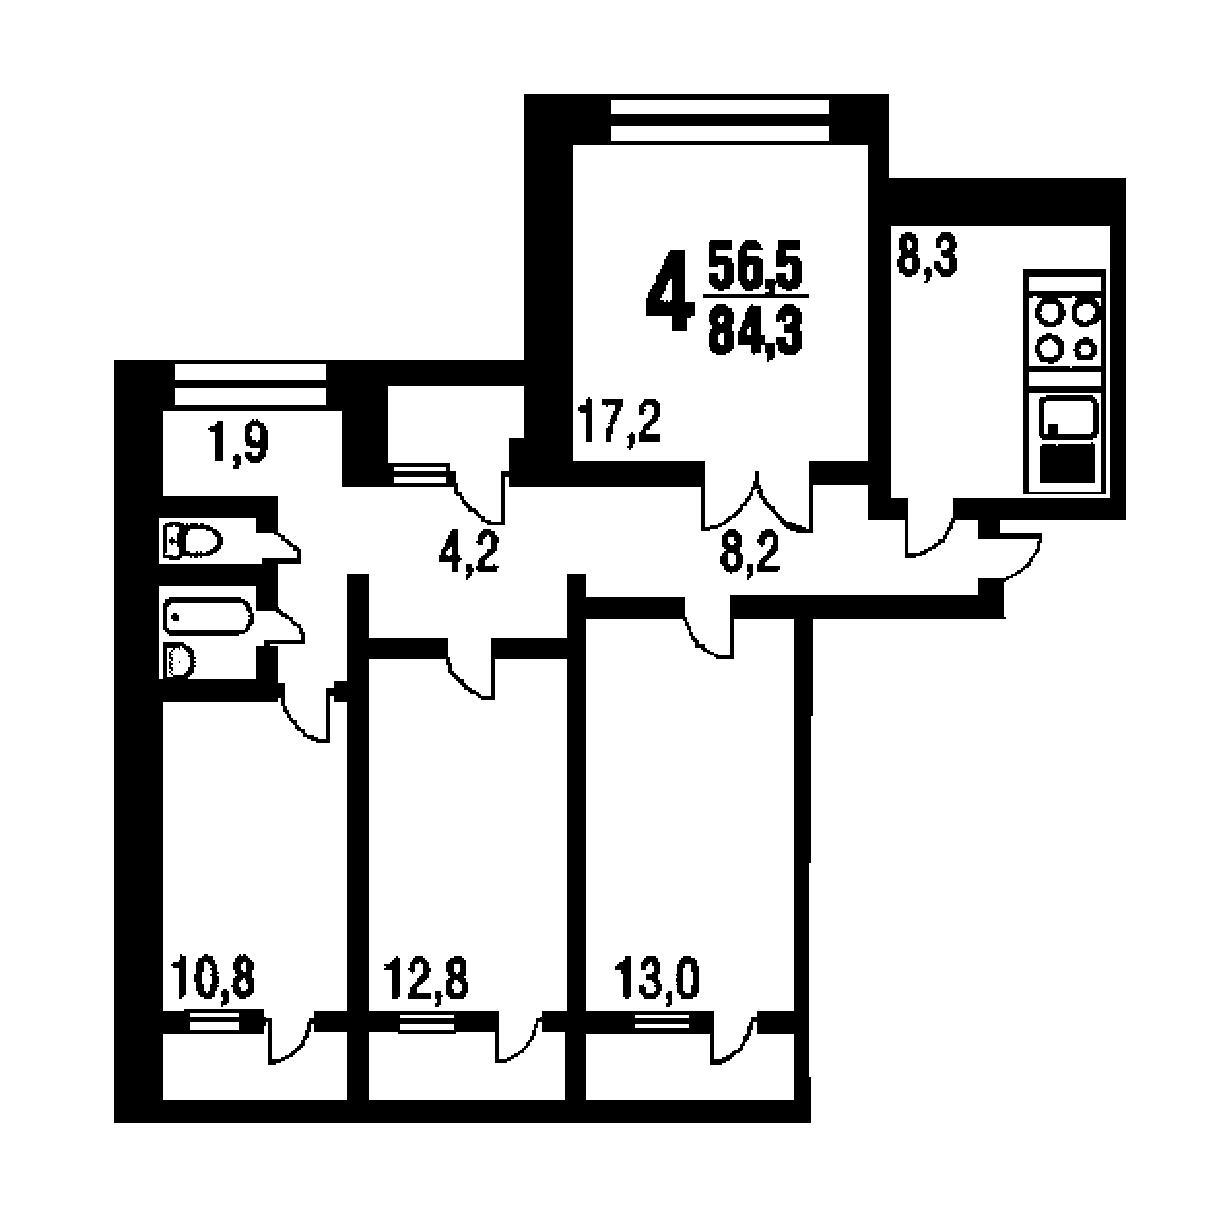 Топ-10 неудачных планировок квартир в новостройках - фото 3